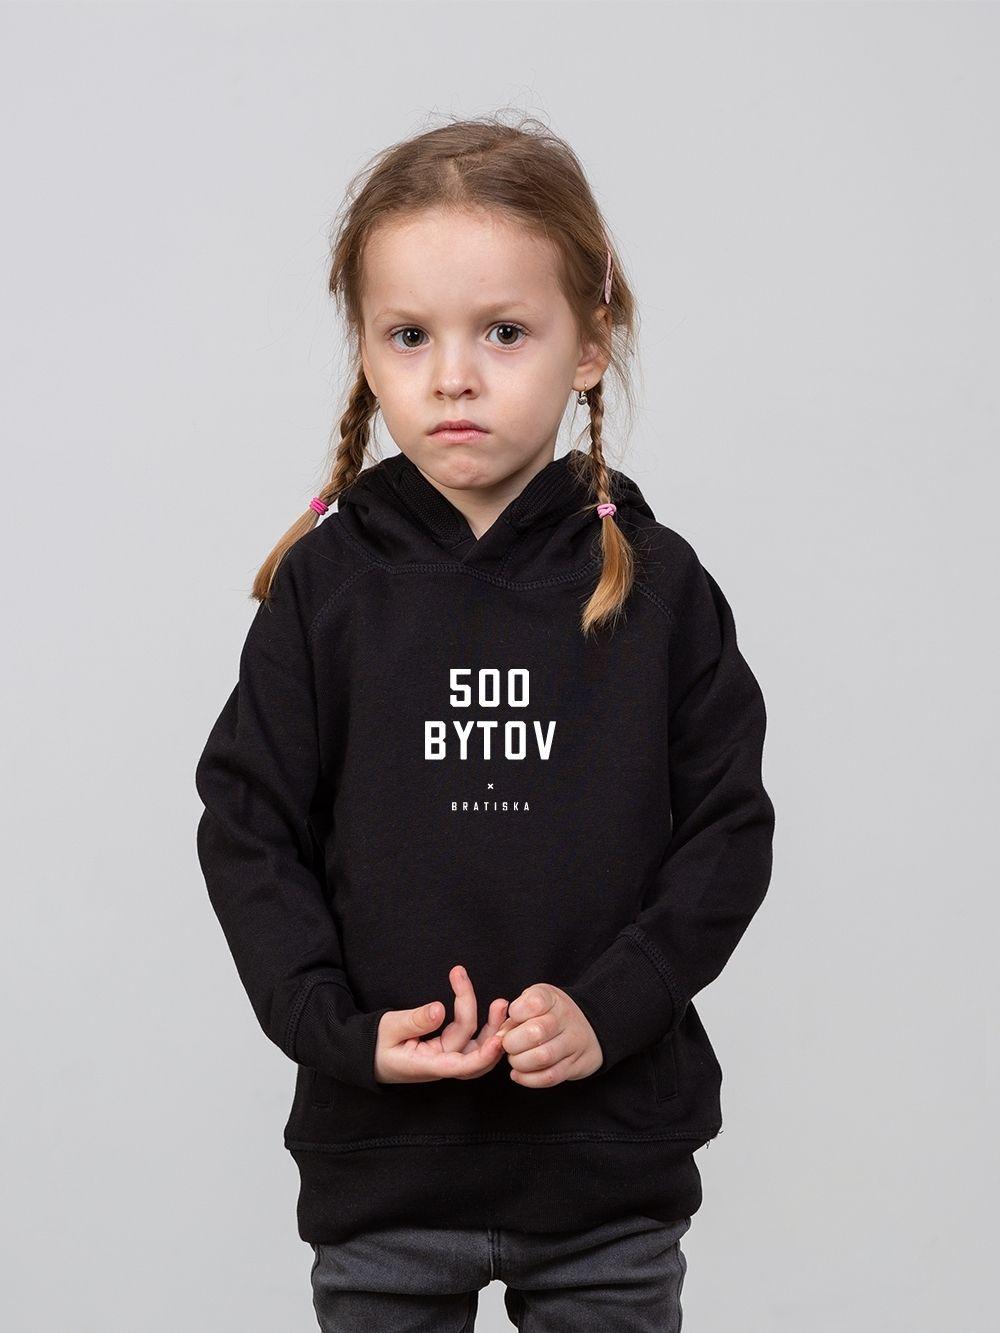 500 Bytov Kids